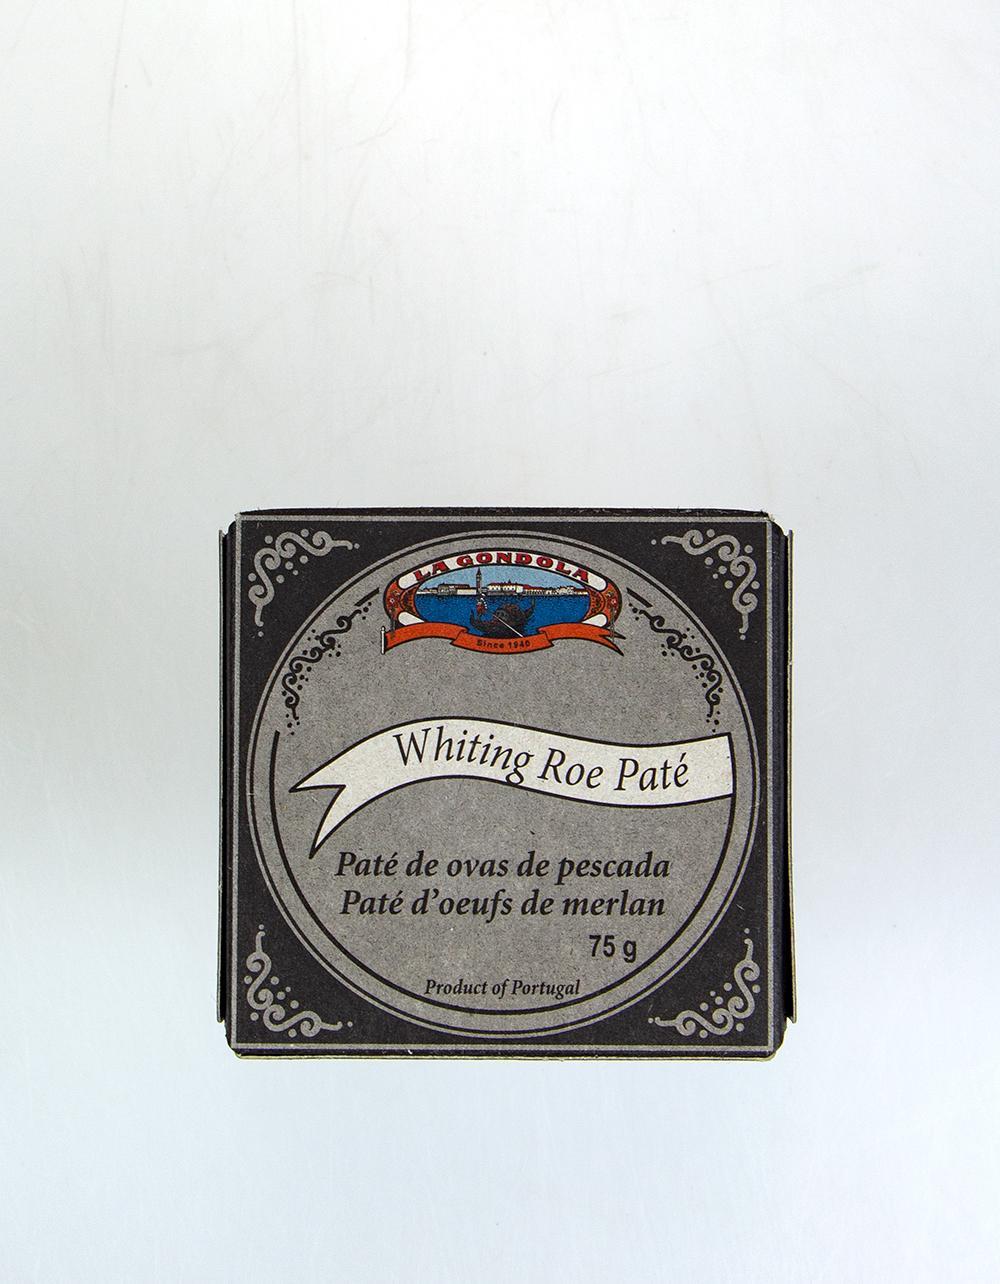 La Gondola Whiting Roe Pate 75g